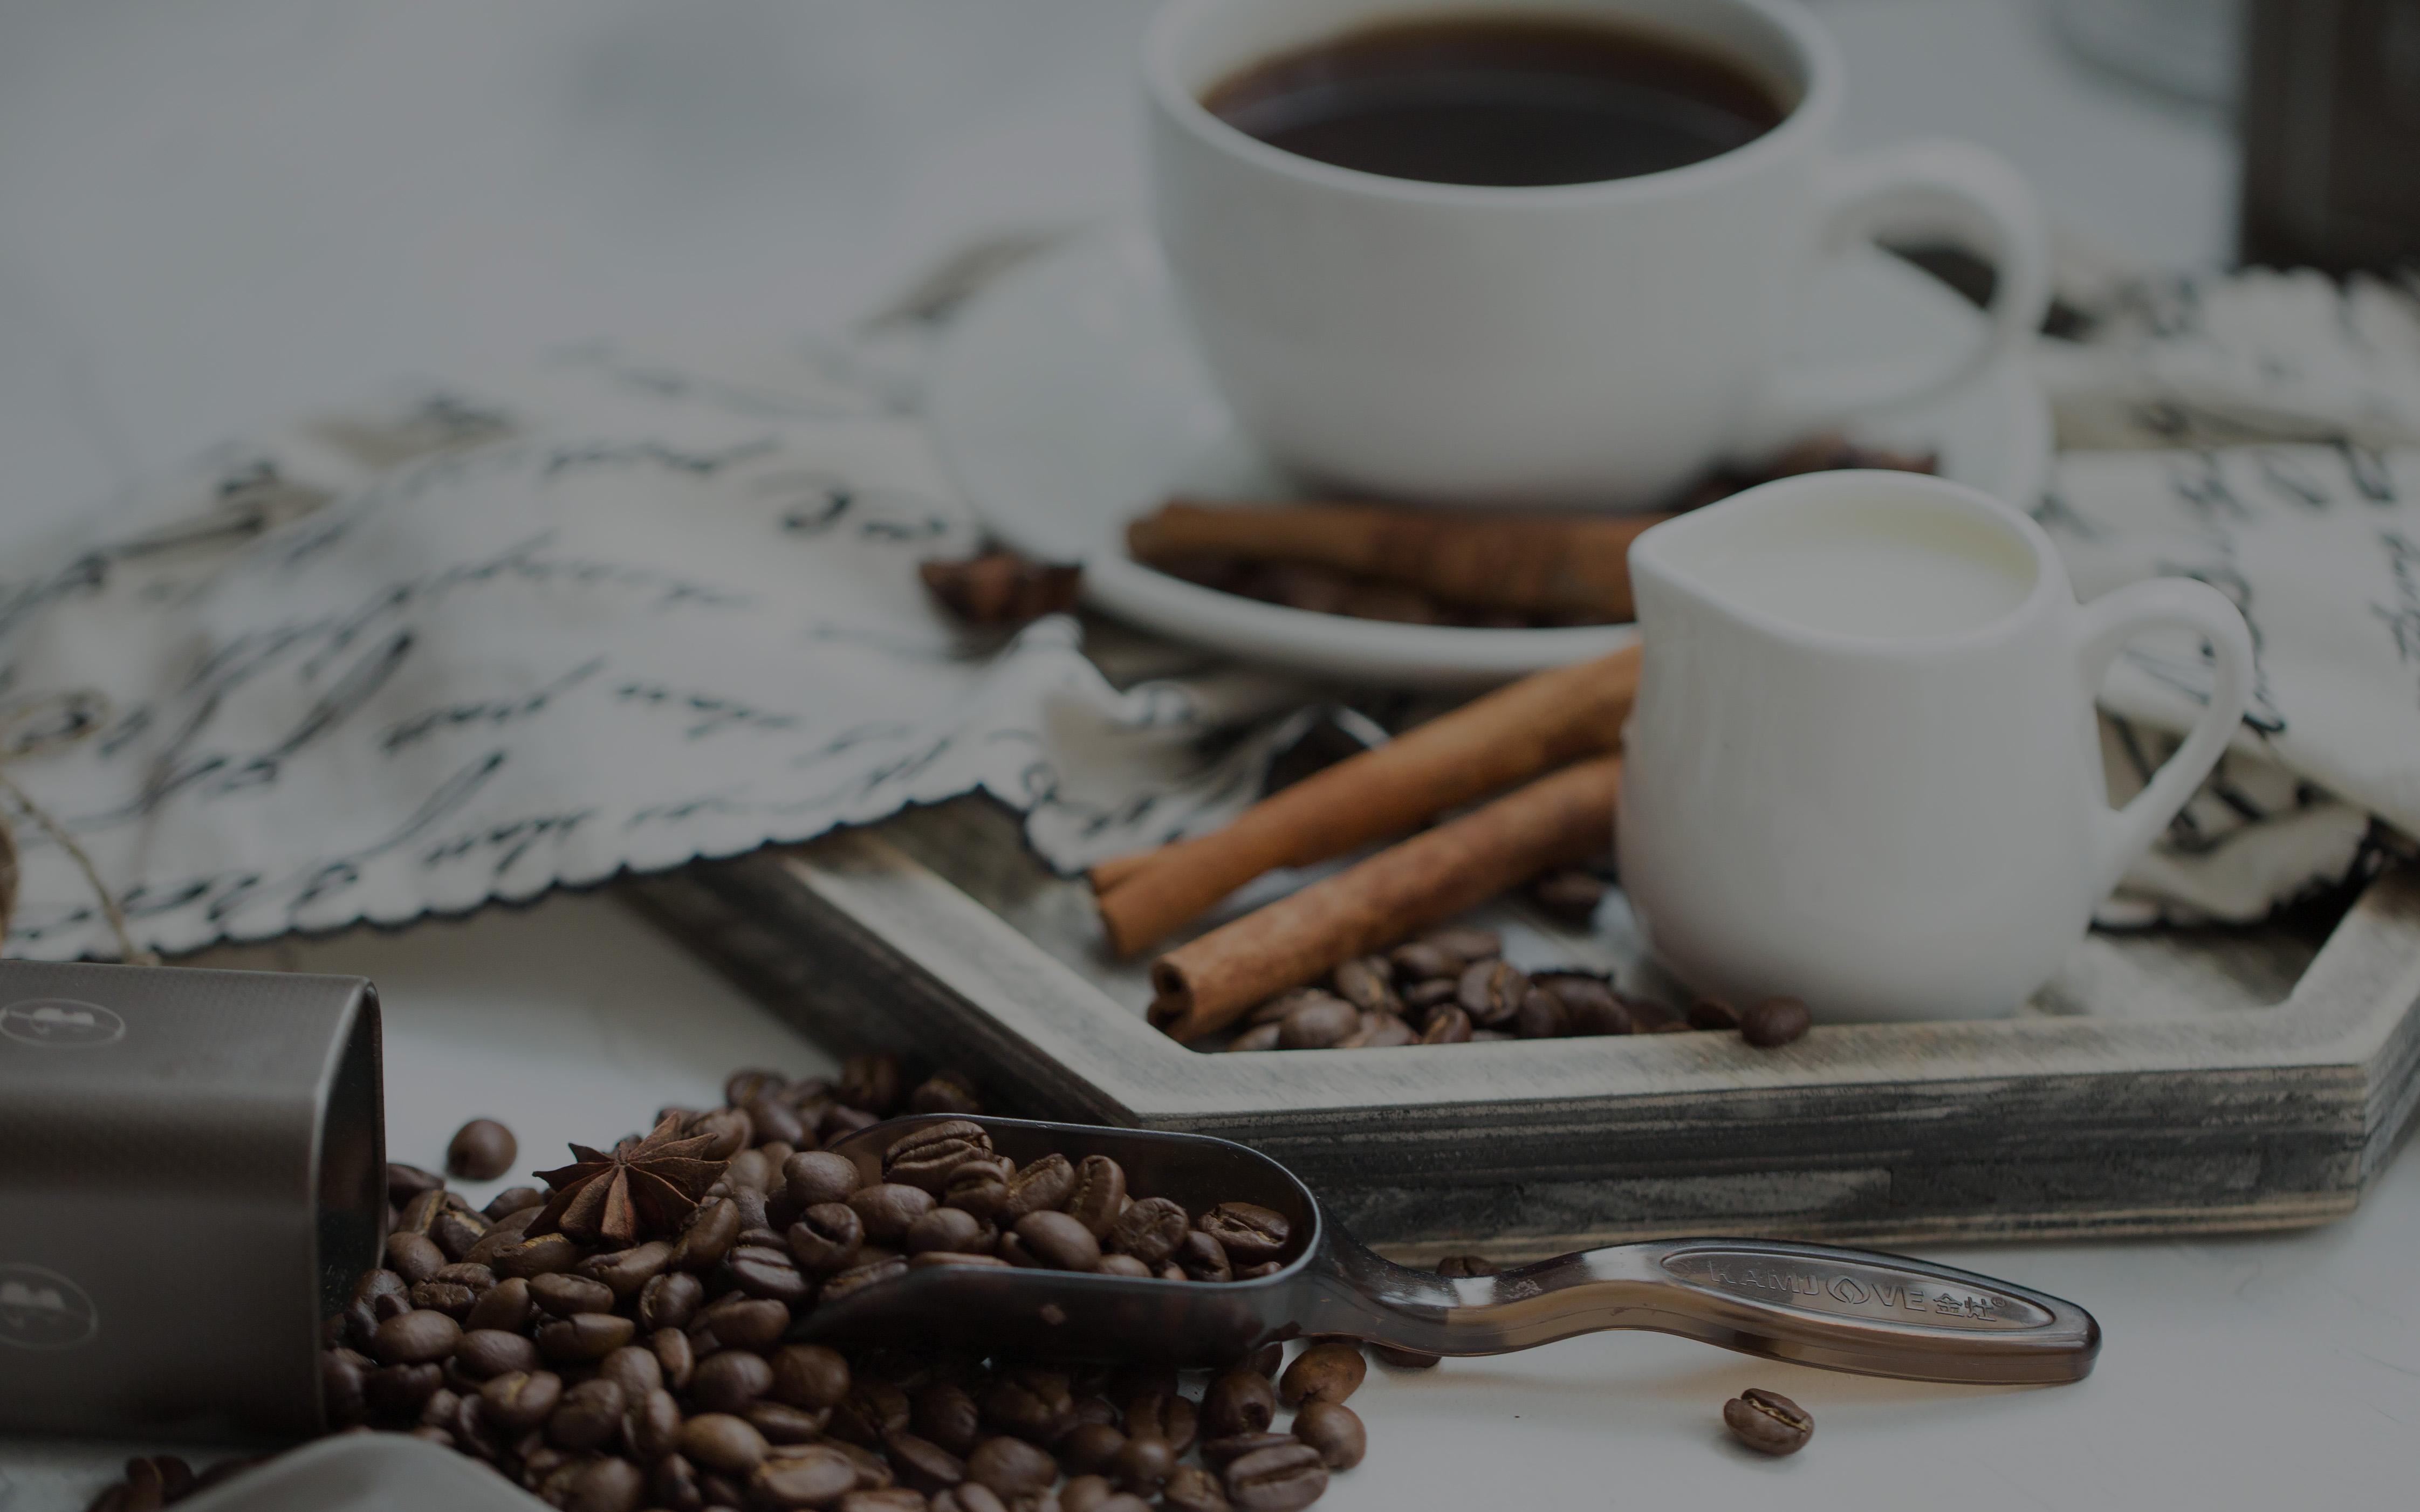 Более 60 сортов кофе из разных уголков света